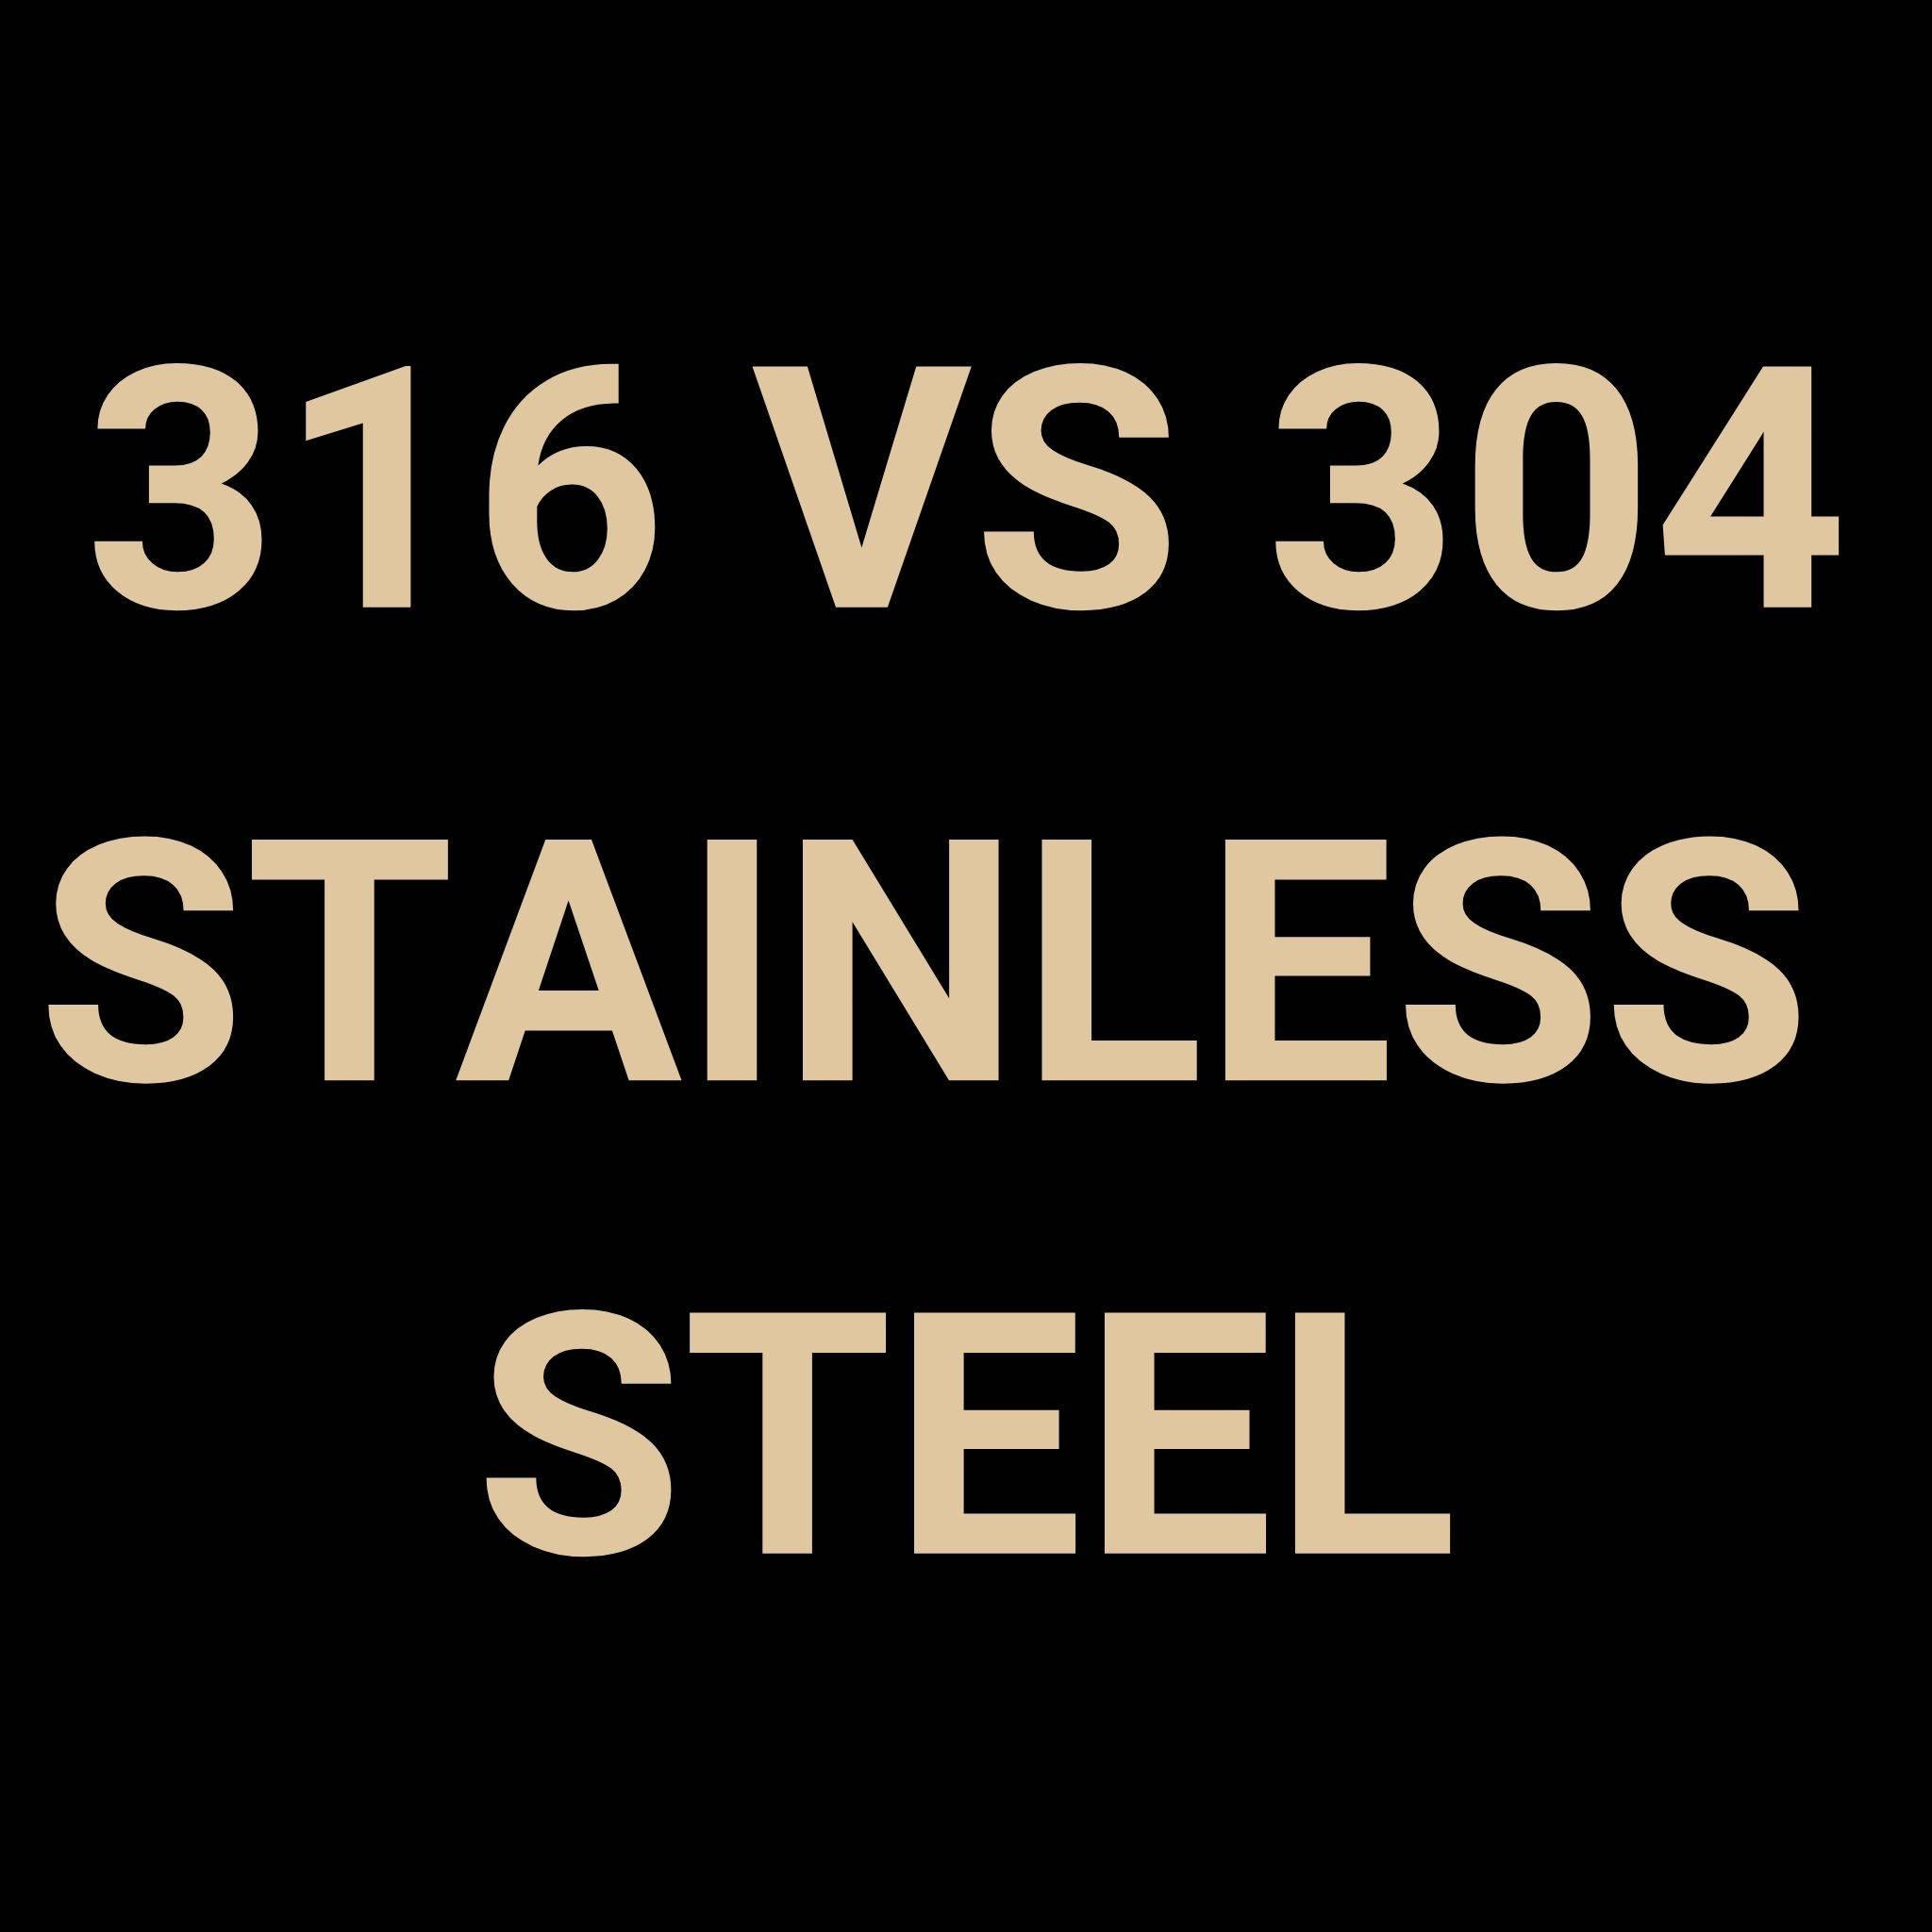 304 vs 316 steel